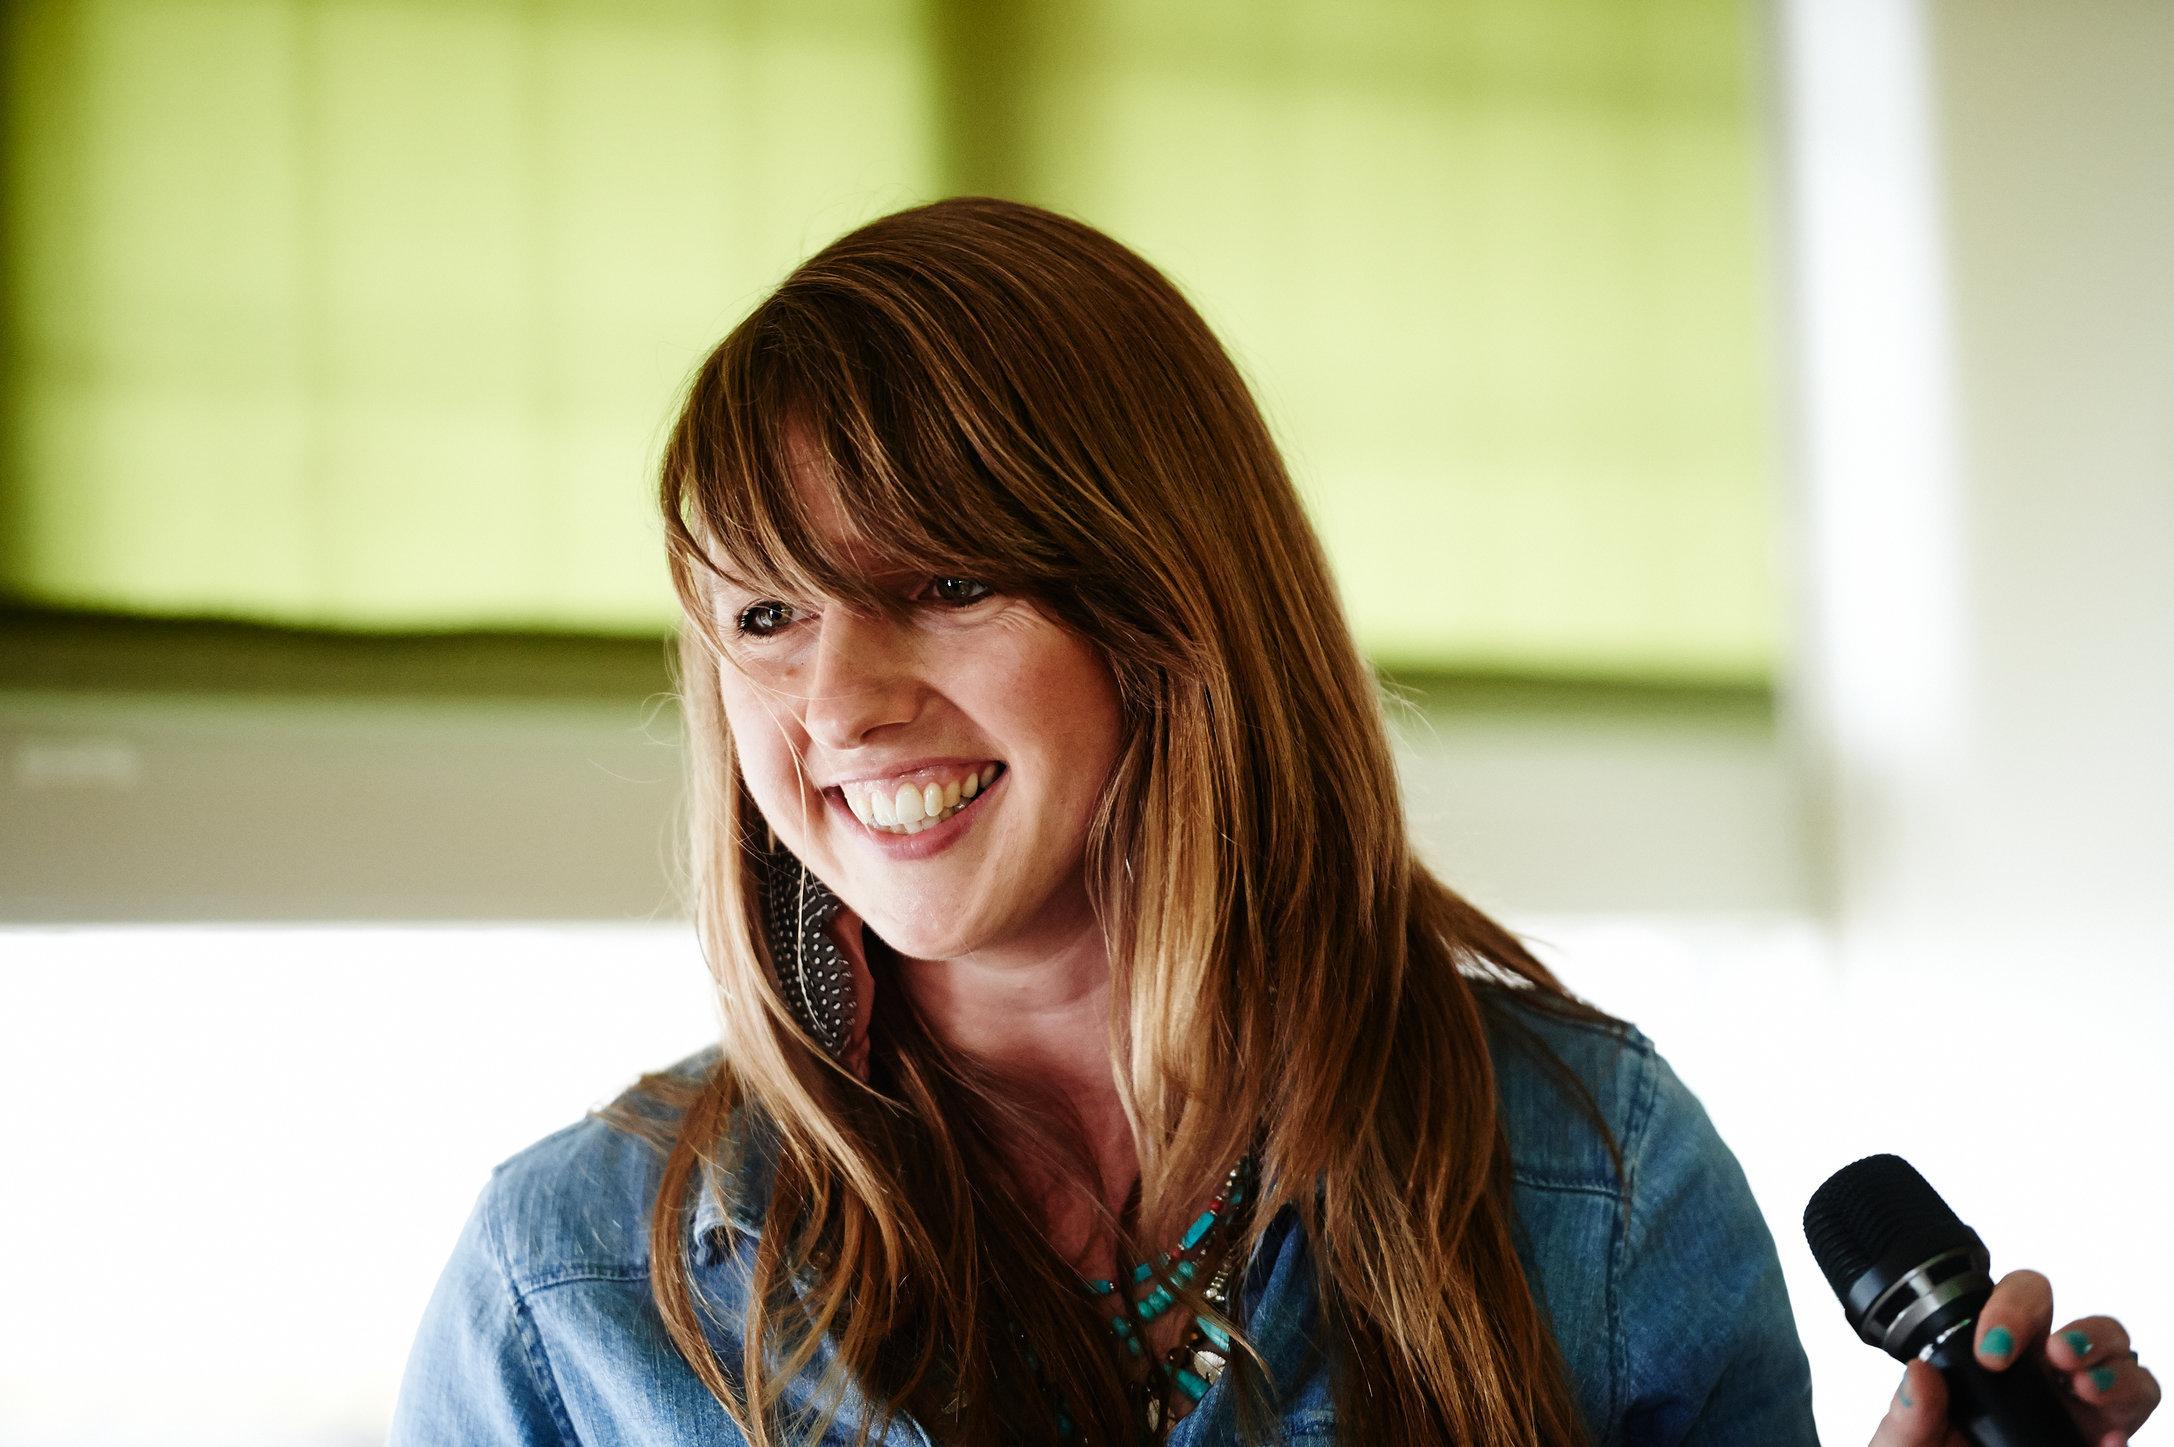 Lauren Dove